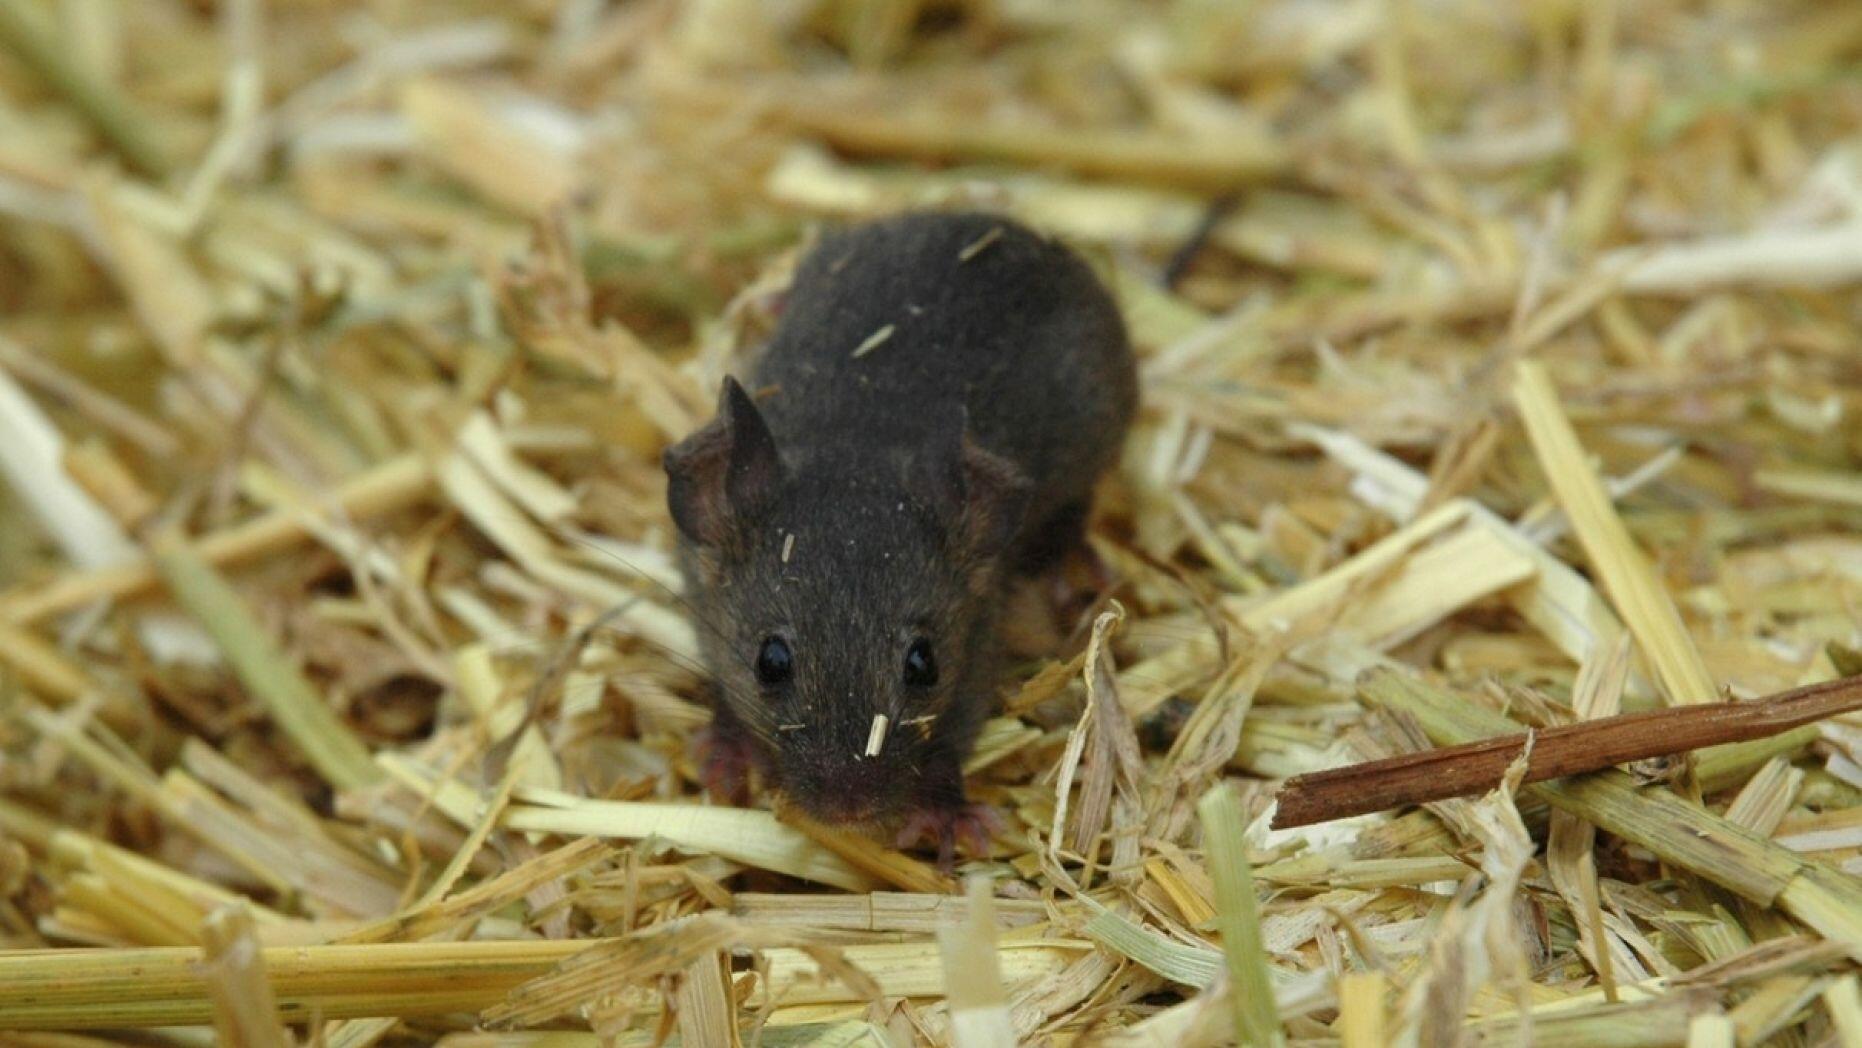 不要小看鼠类排泄物!美一女子因接触类似物质染病死亡